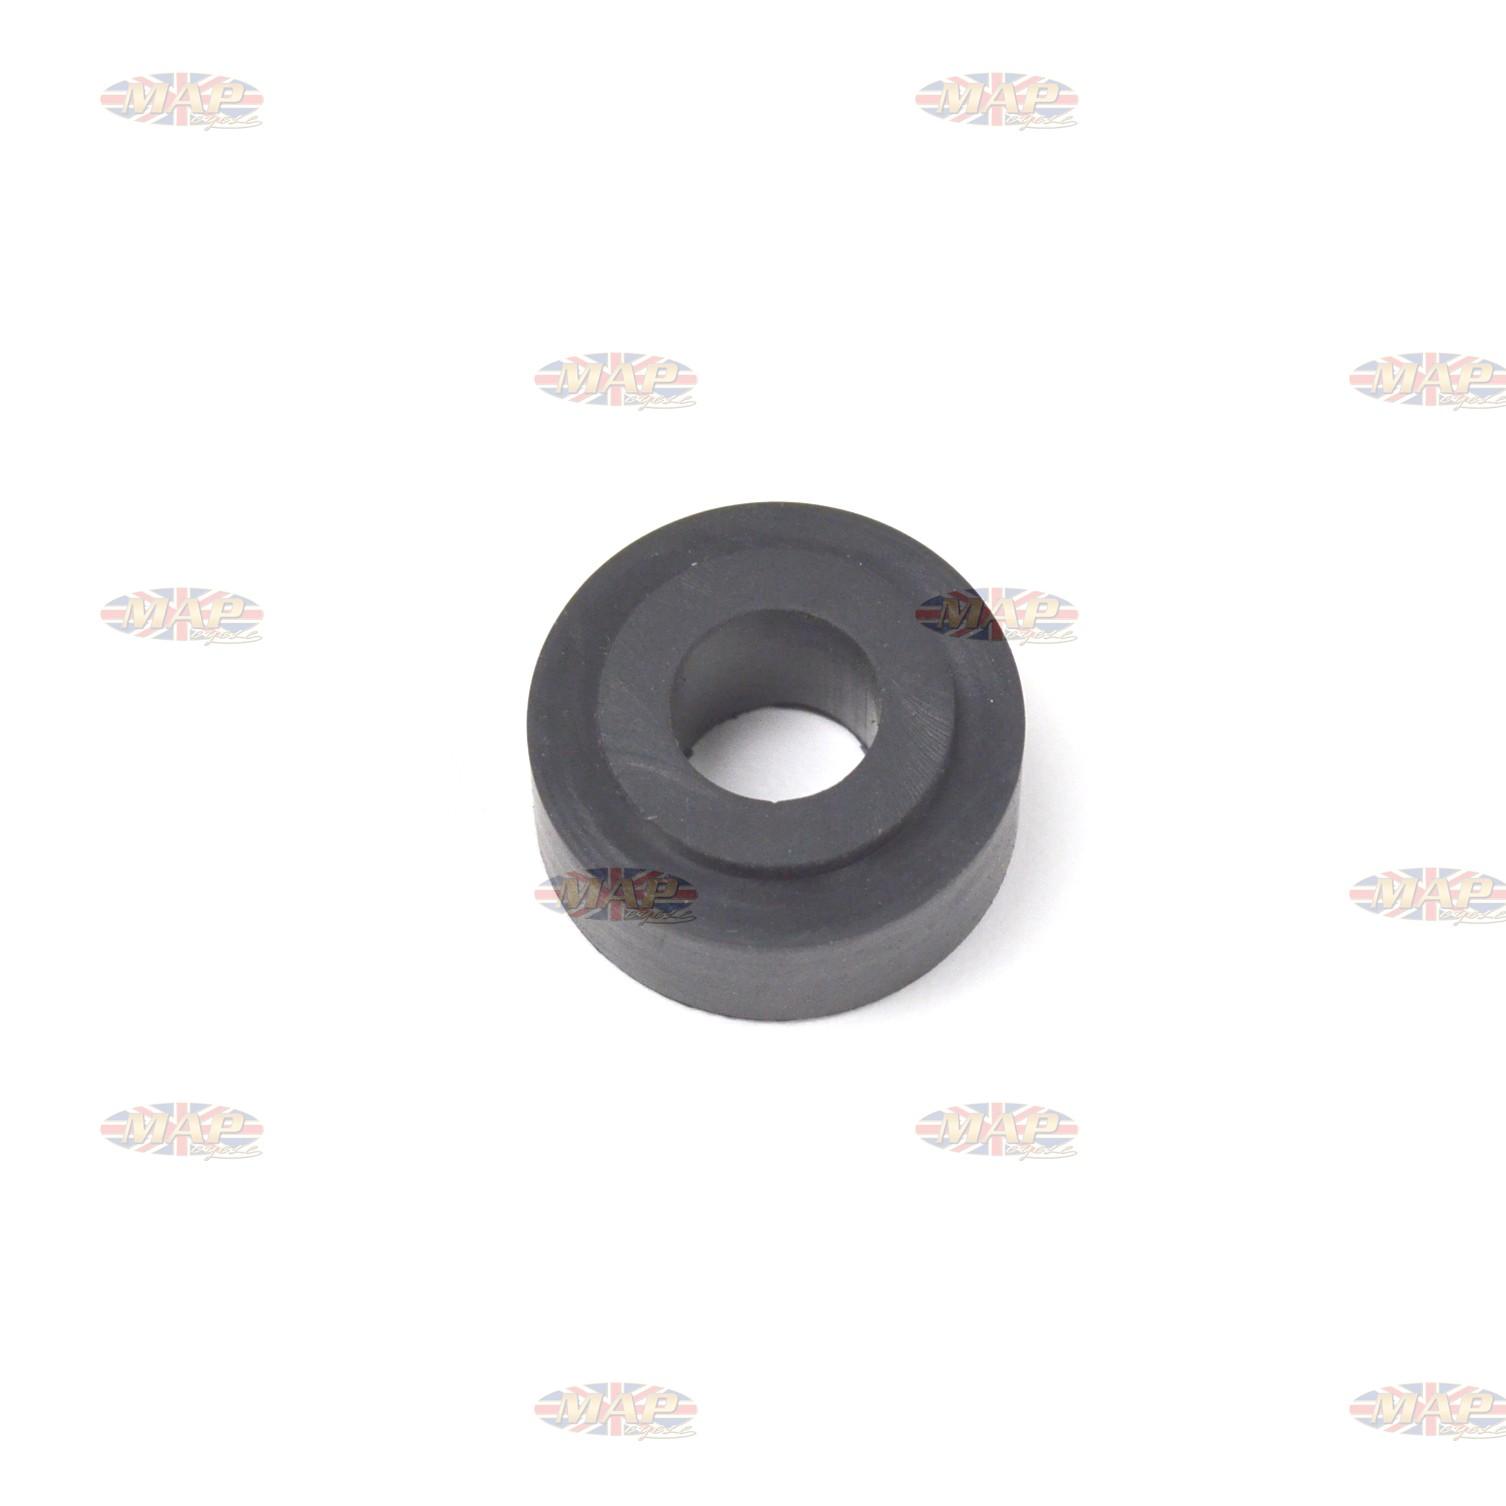 Triumph Headlight Ear Mount Rubber Grommet  97-2209